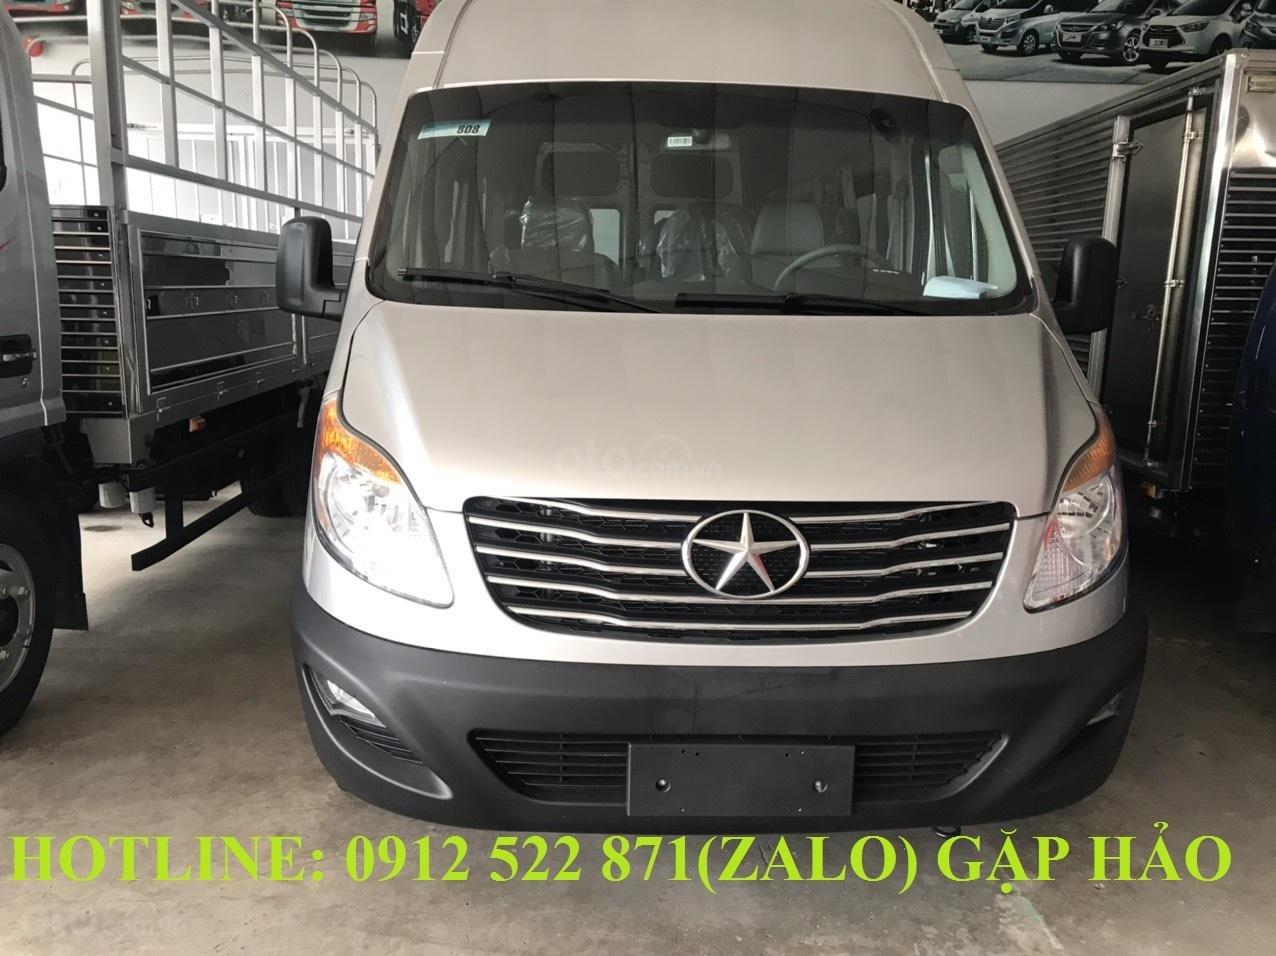 Bán xe du lịch 16 chỗ JAC M628 mới 2019 (2)